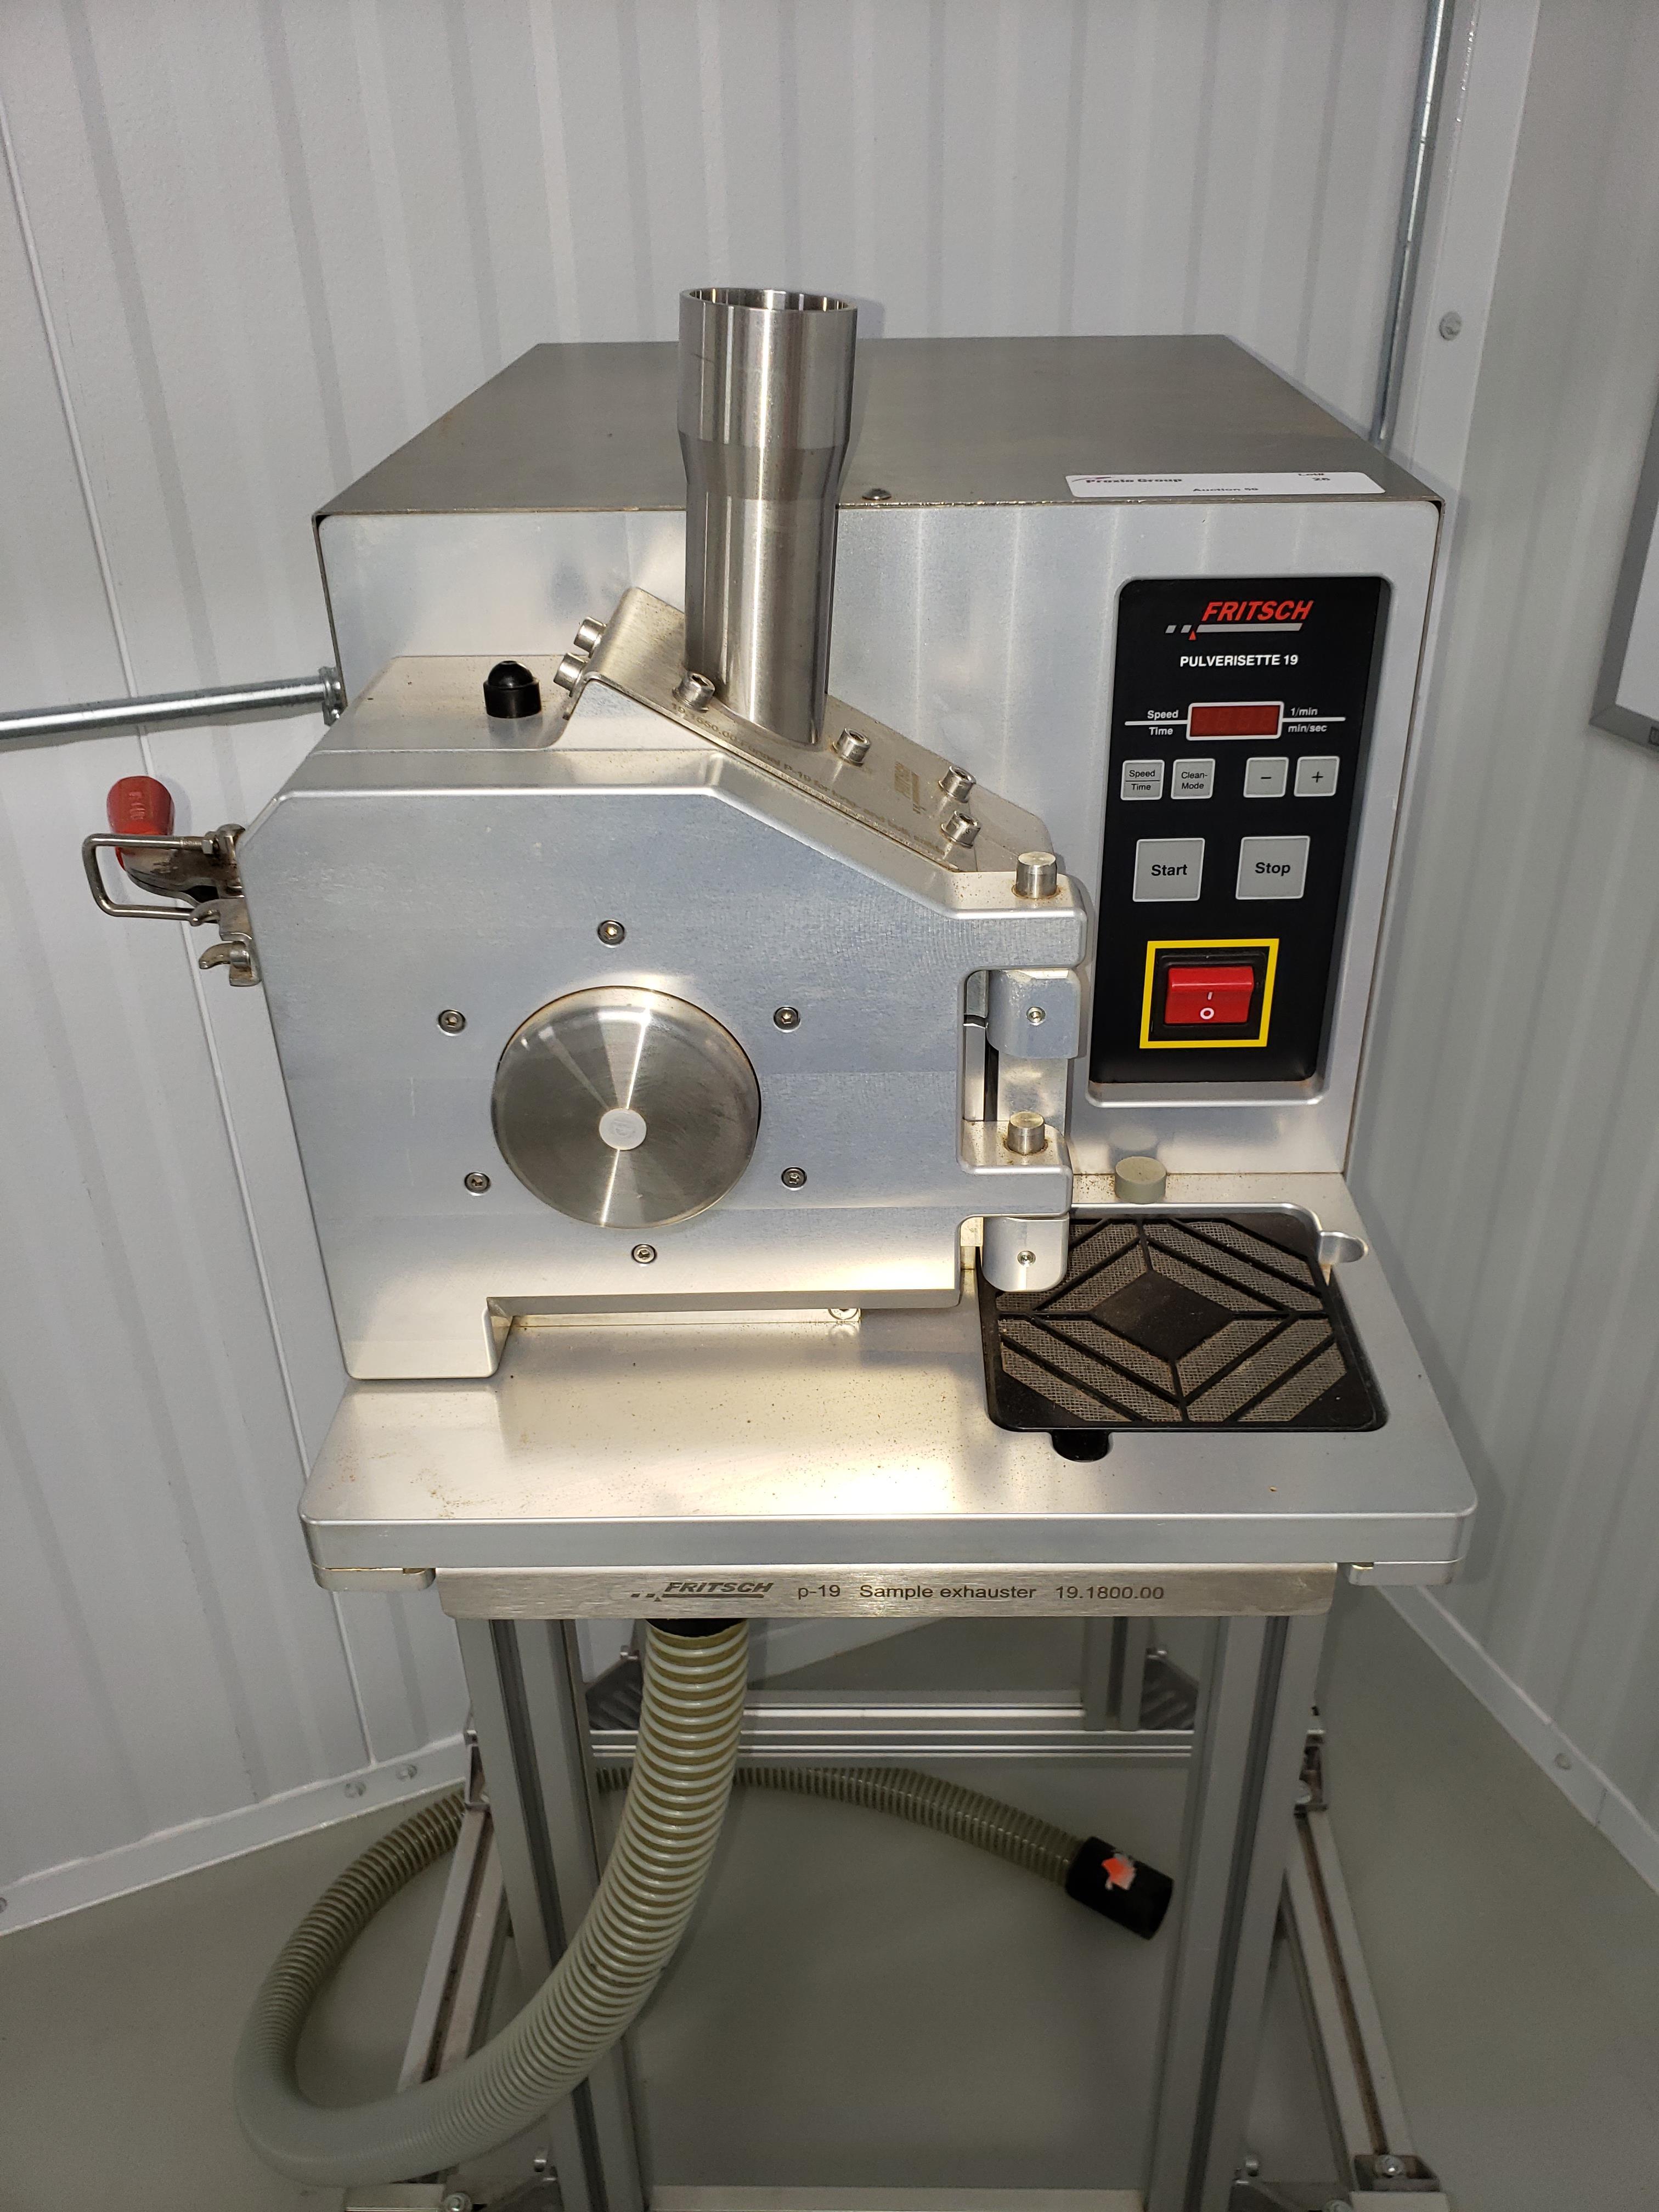 Fritsch Pulverisette 19 Universal Cutting Mill